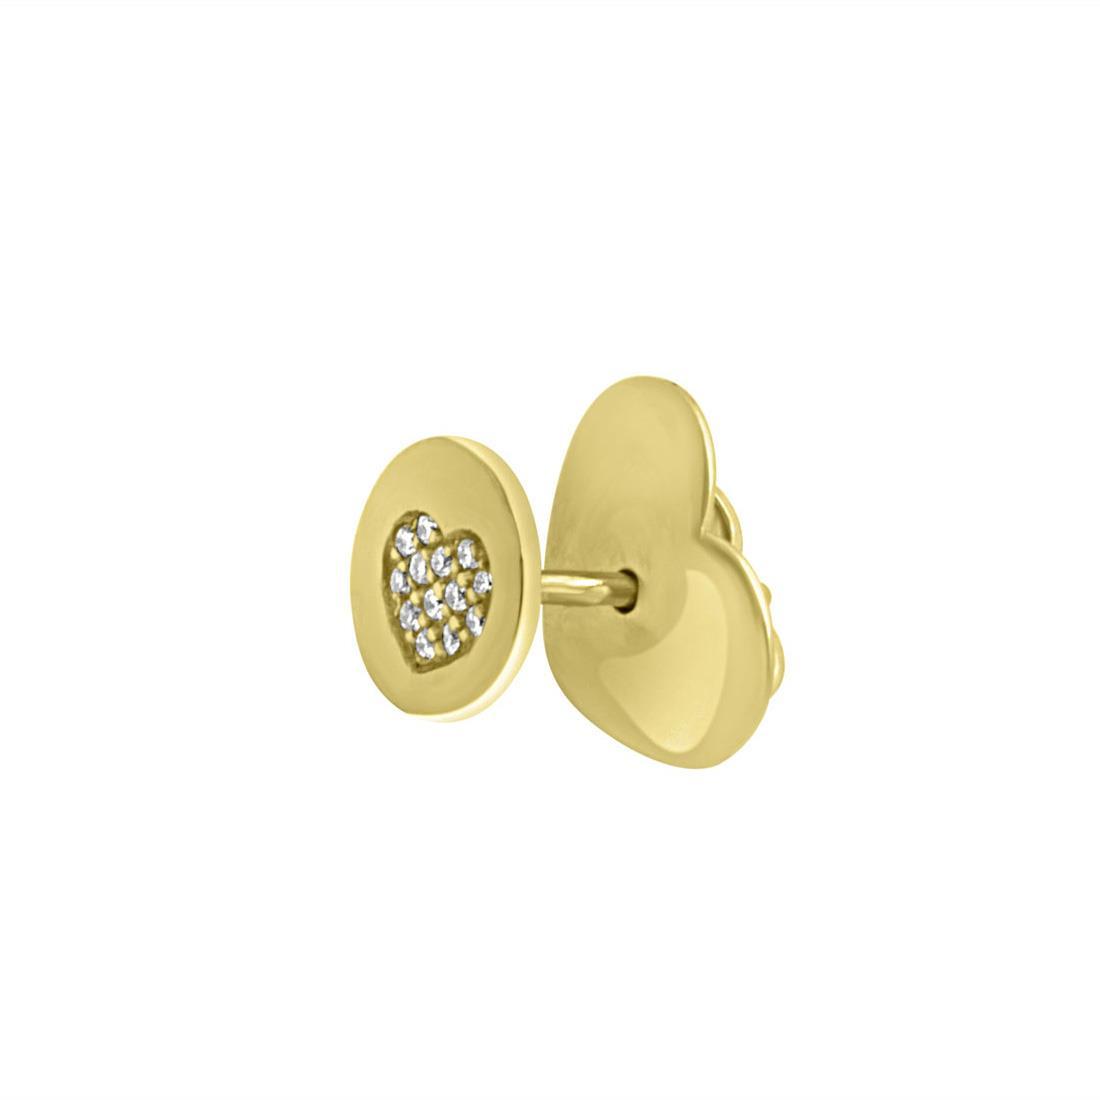 Orecchino in oro giallo con diamanti, larghezza 0.7cm - PASQUALE BRUNI